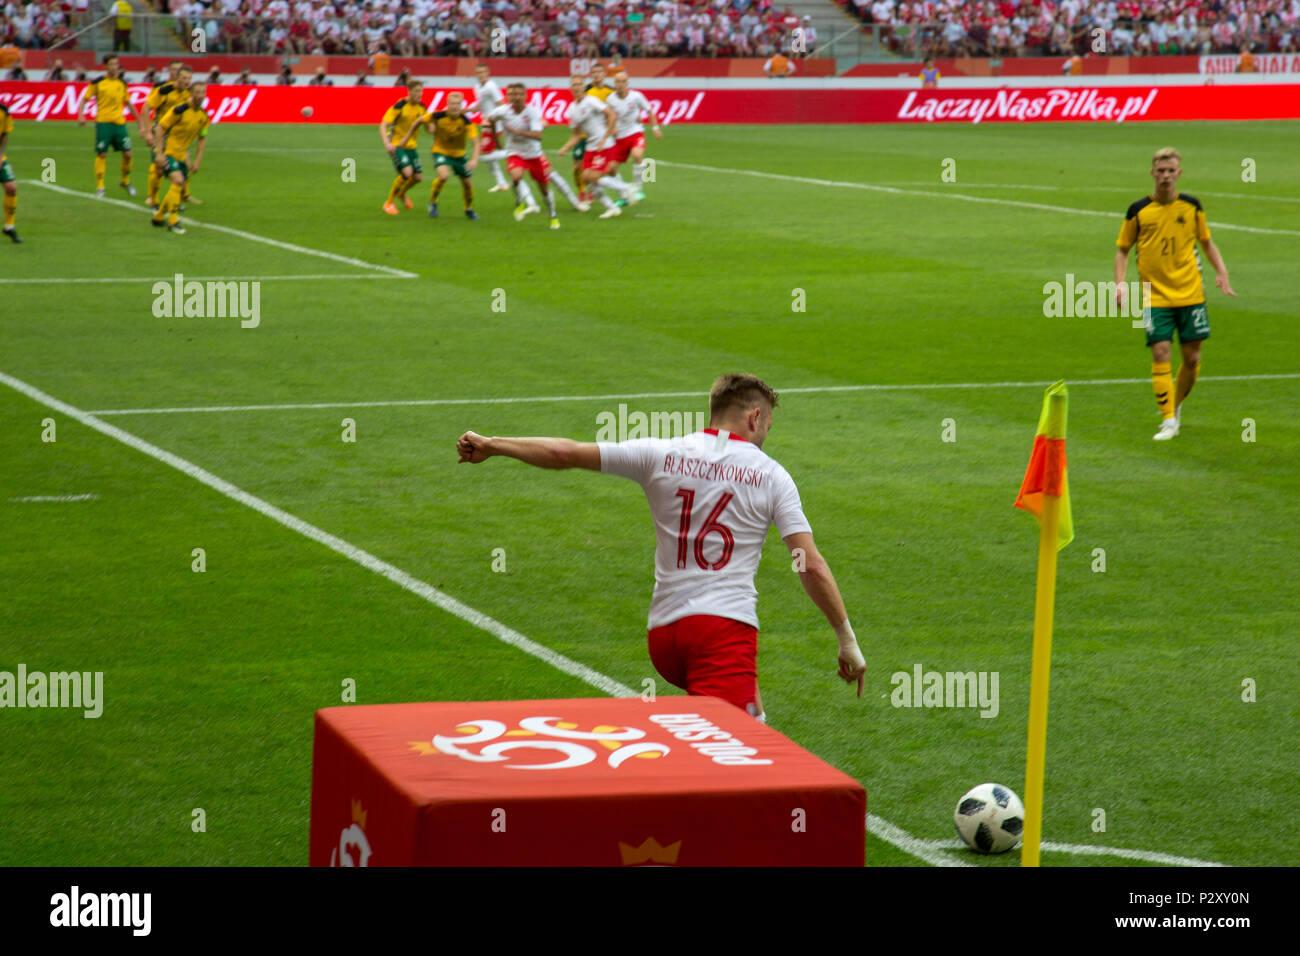 """Jakub """"Kuba"""" B?aszczykowski treten eine Kugel von Ecke am polnischen nationalen Stadium während Freundschaftsspiel mit Litauen Stockbild"""